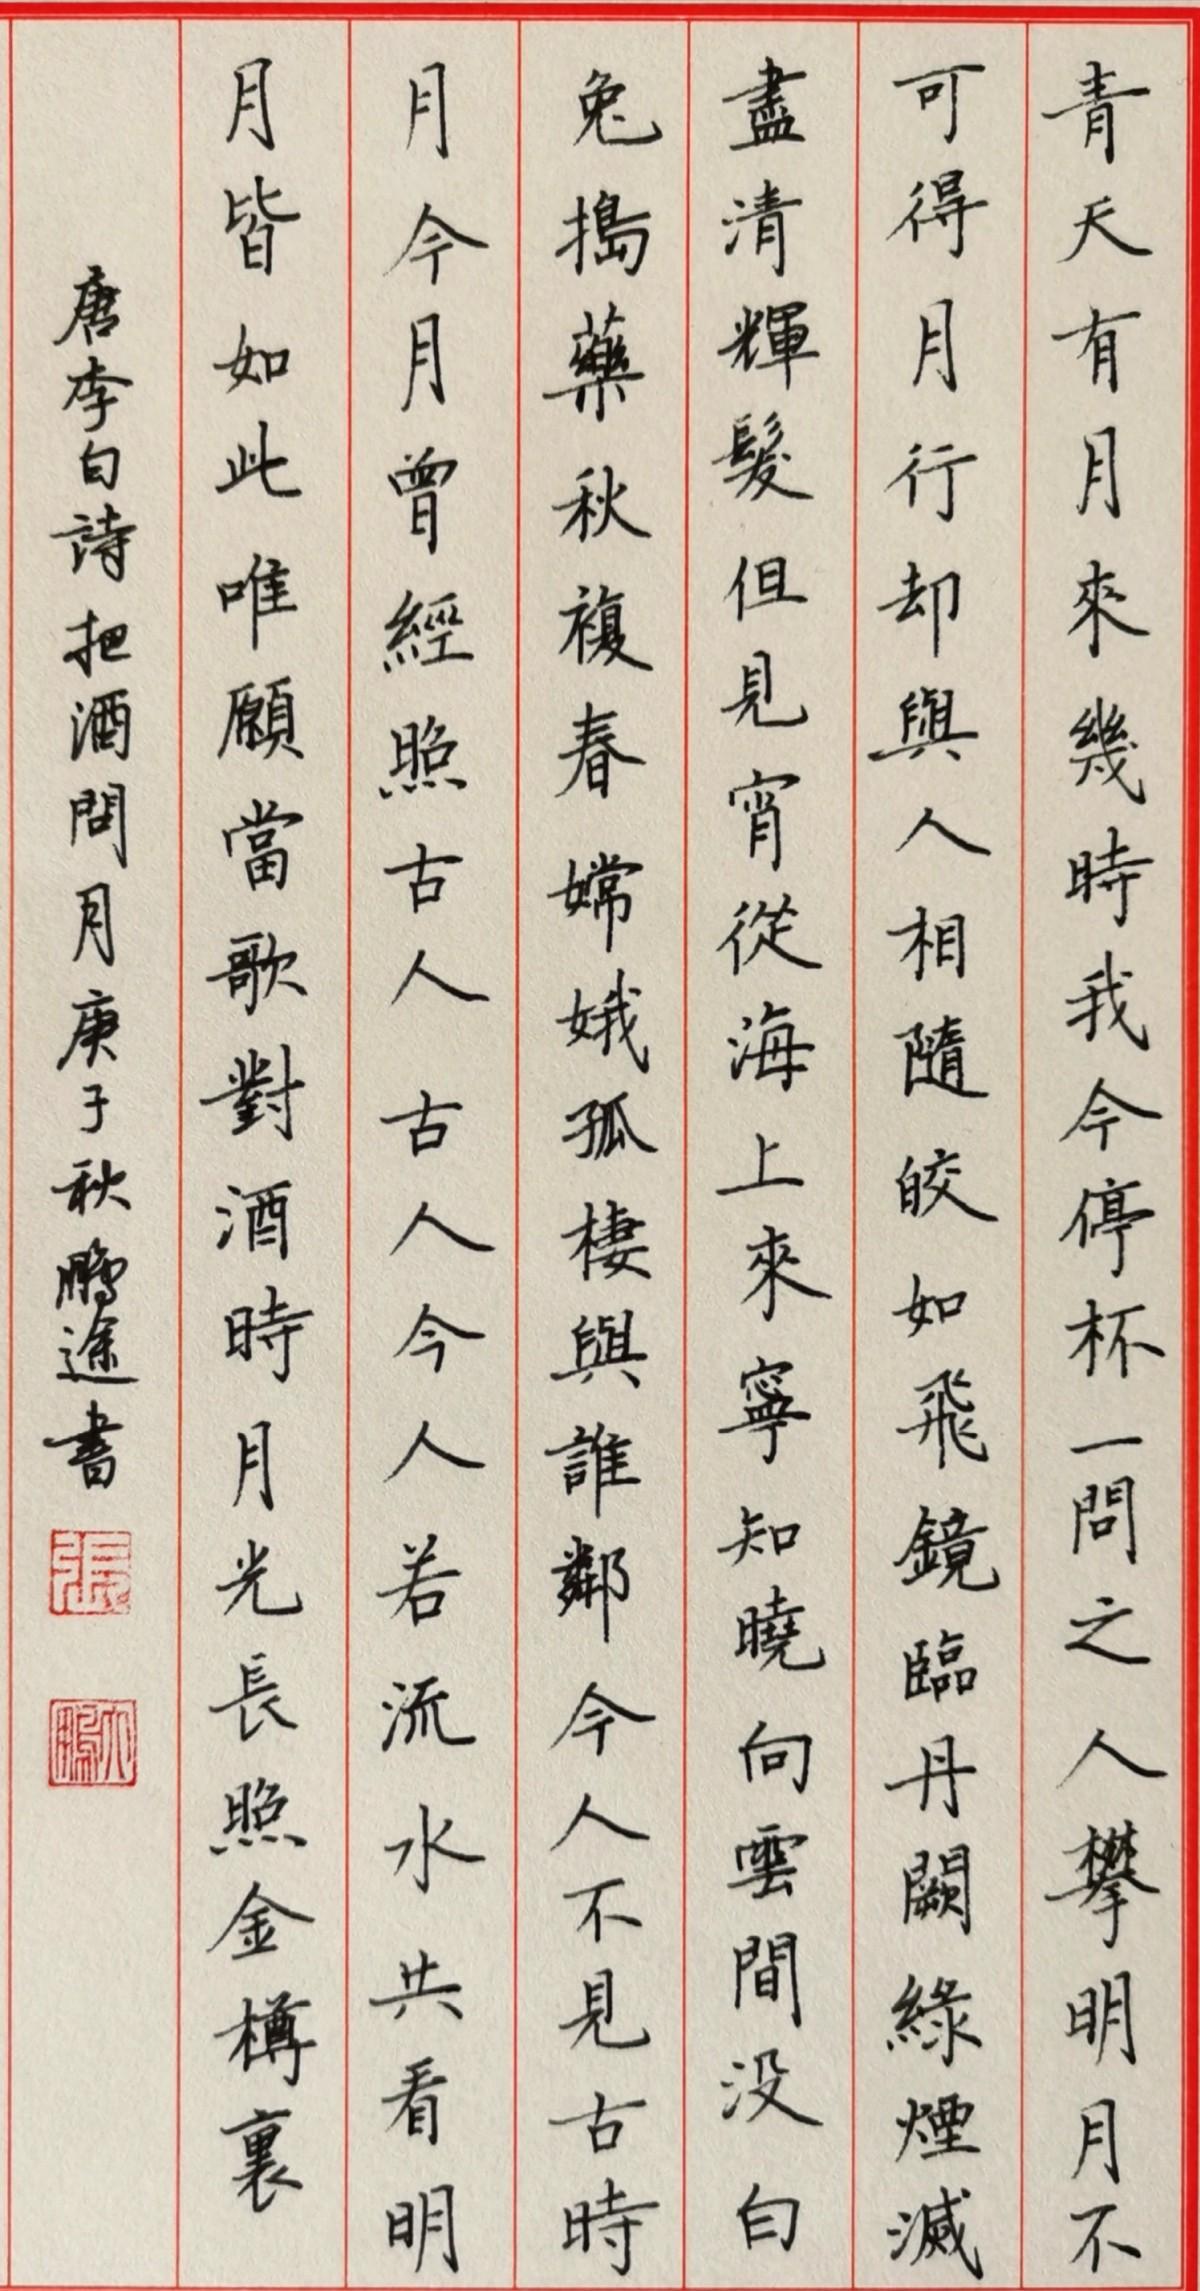 钢笔字练字打卡20201013-06